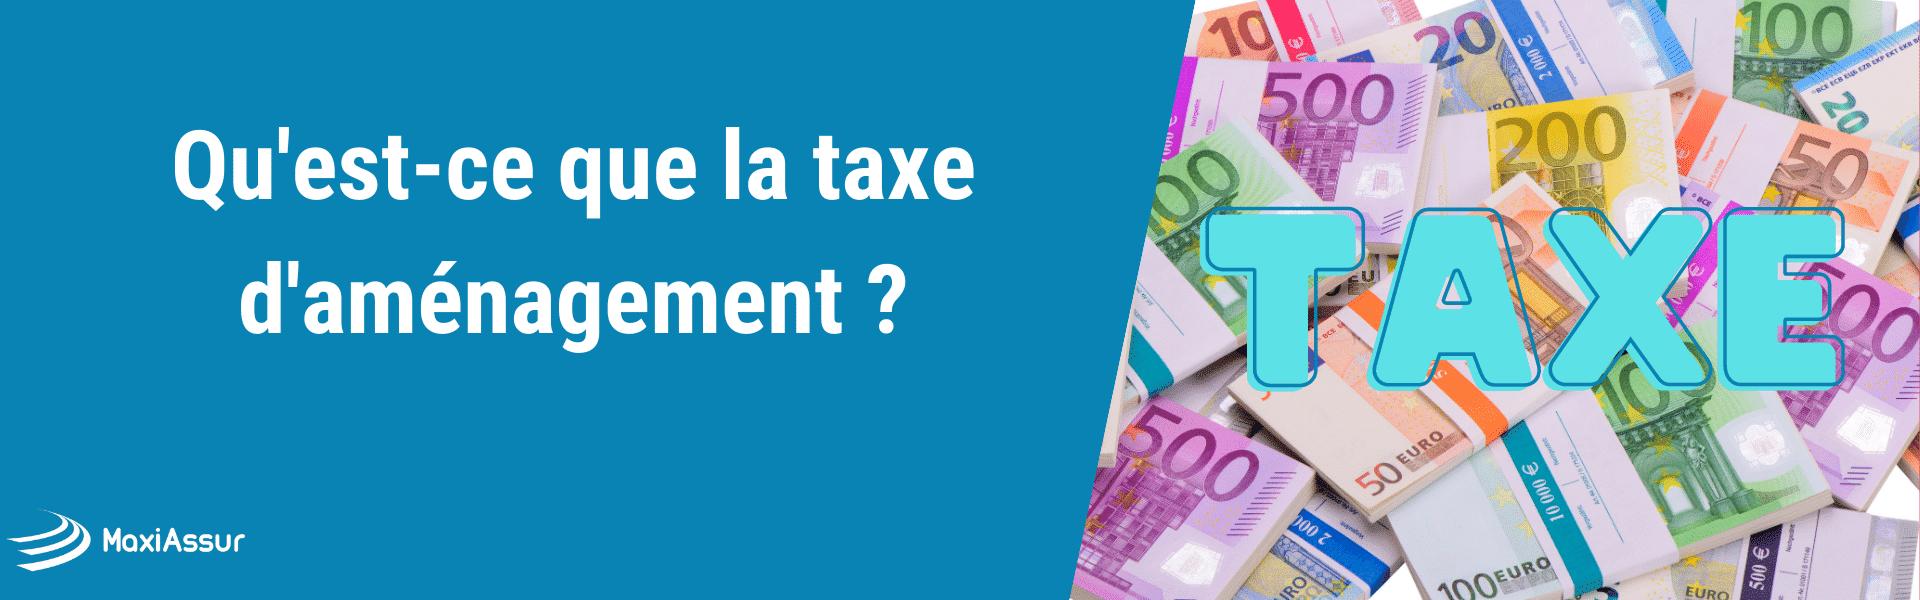 taxe aménagement